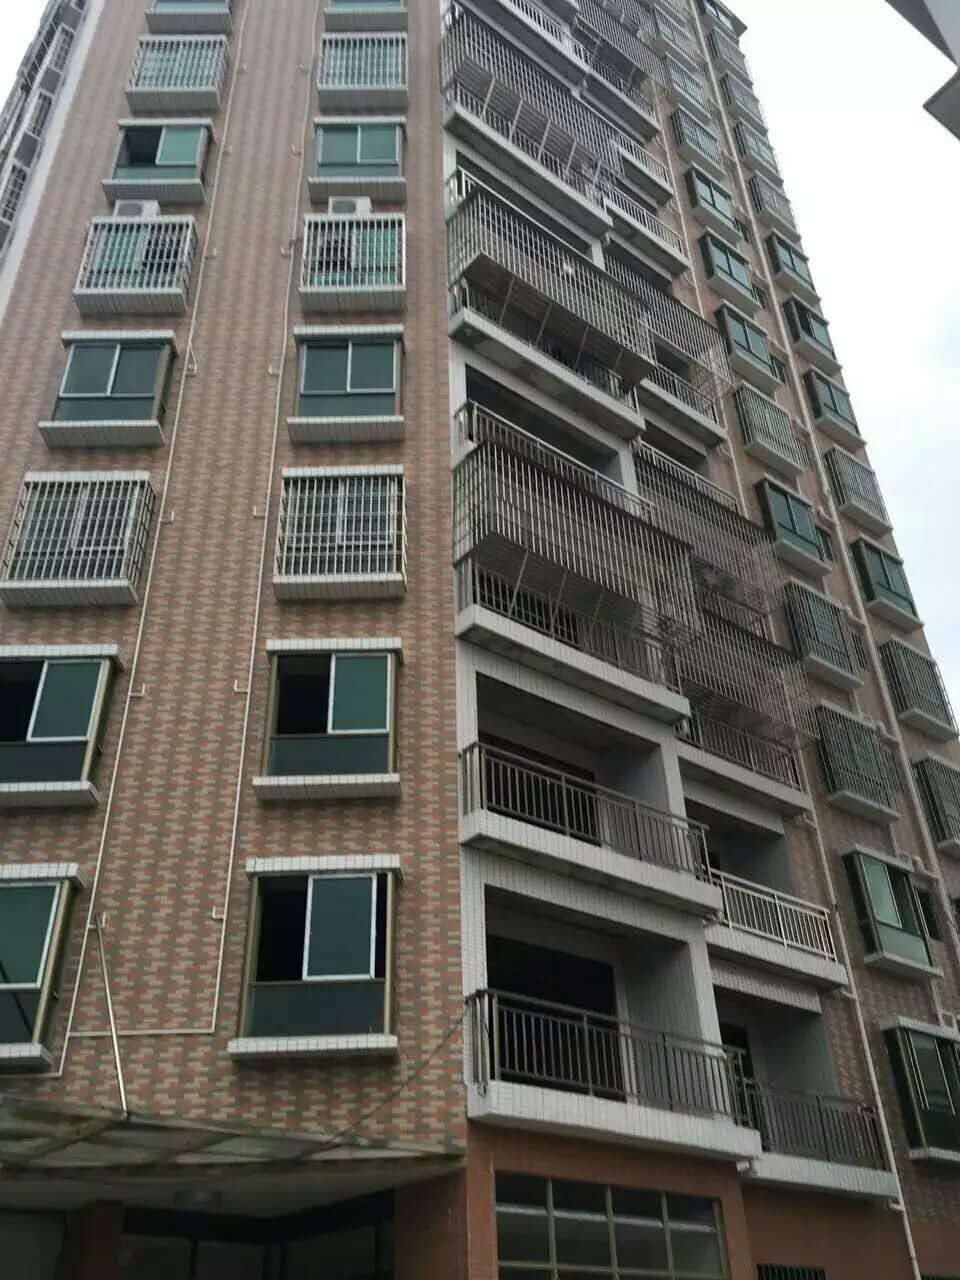 深圳公明楼村小产权三房110平米58万,户型方正实用 跳蚤市场 个人房源 深圳 三房二厅 第4张